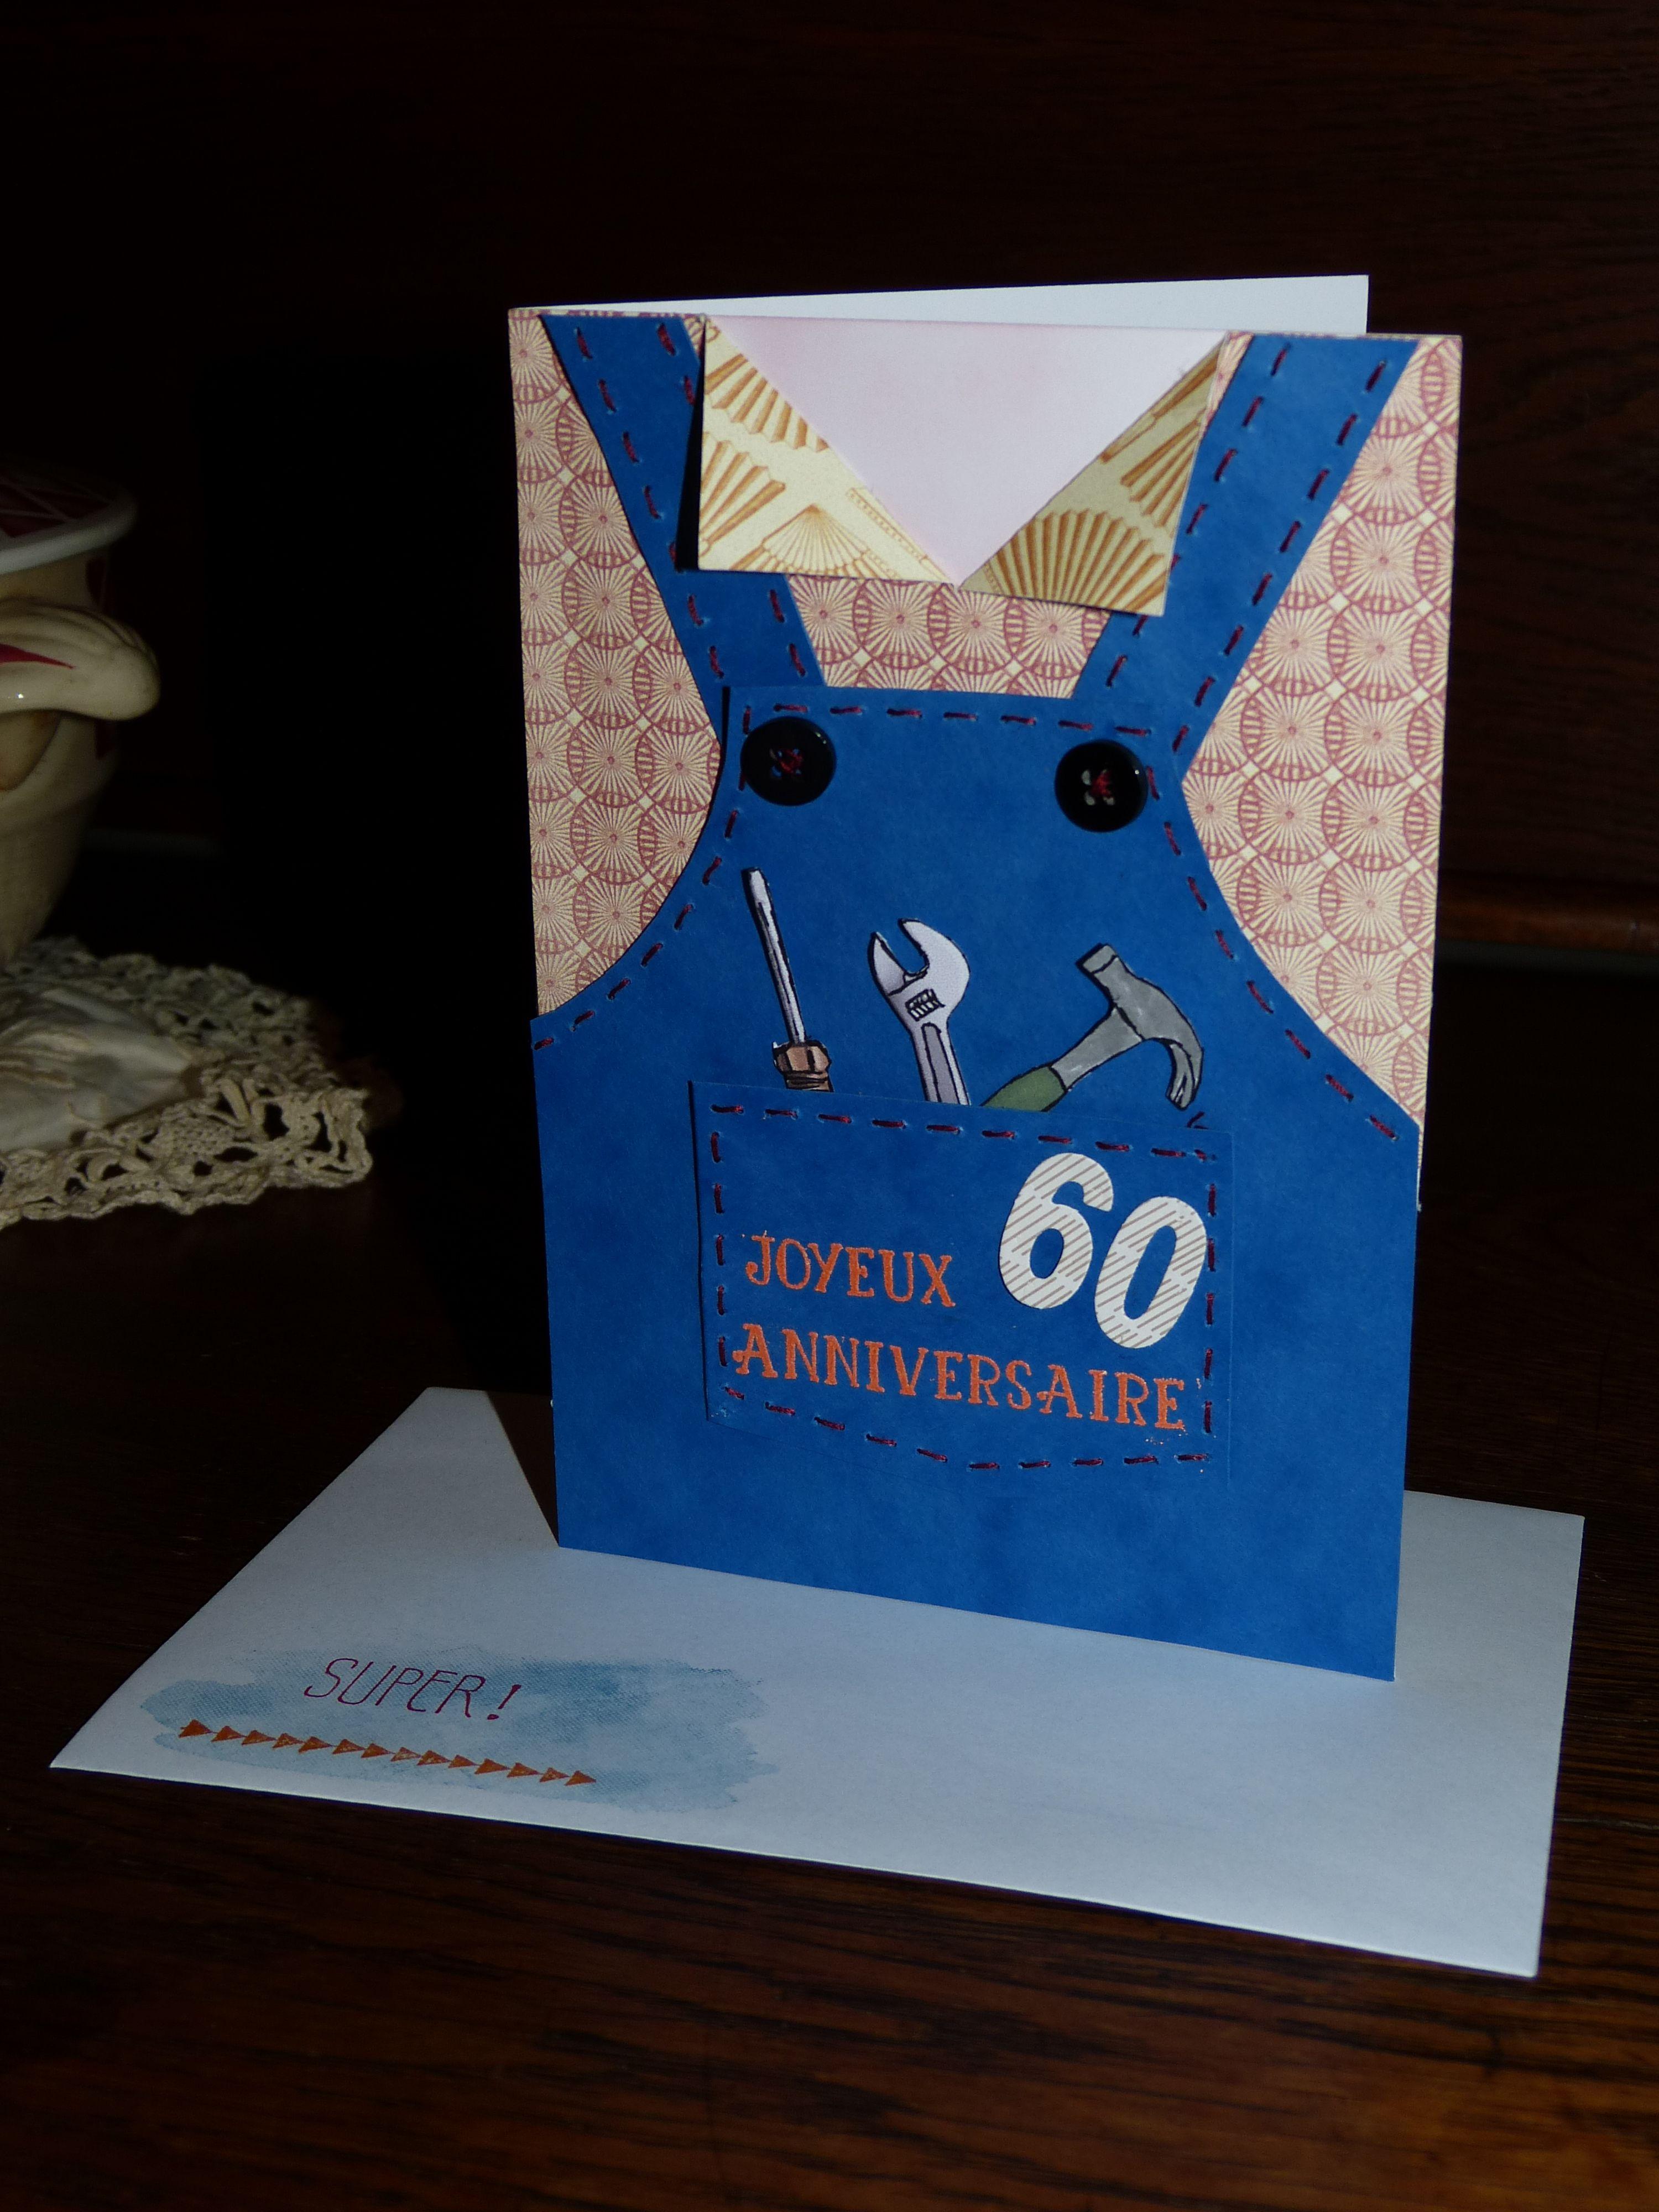 etiquettes l 39 armoire cr ative les cartes personnalis es pinterest carte anniversaire. Black Bedroom Furniture Sets. Home Design Ideas